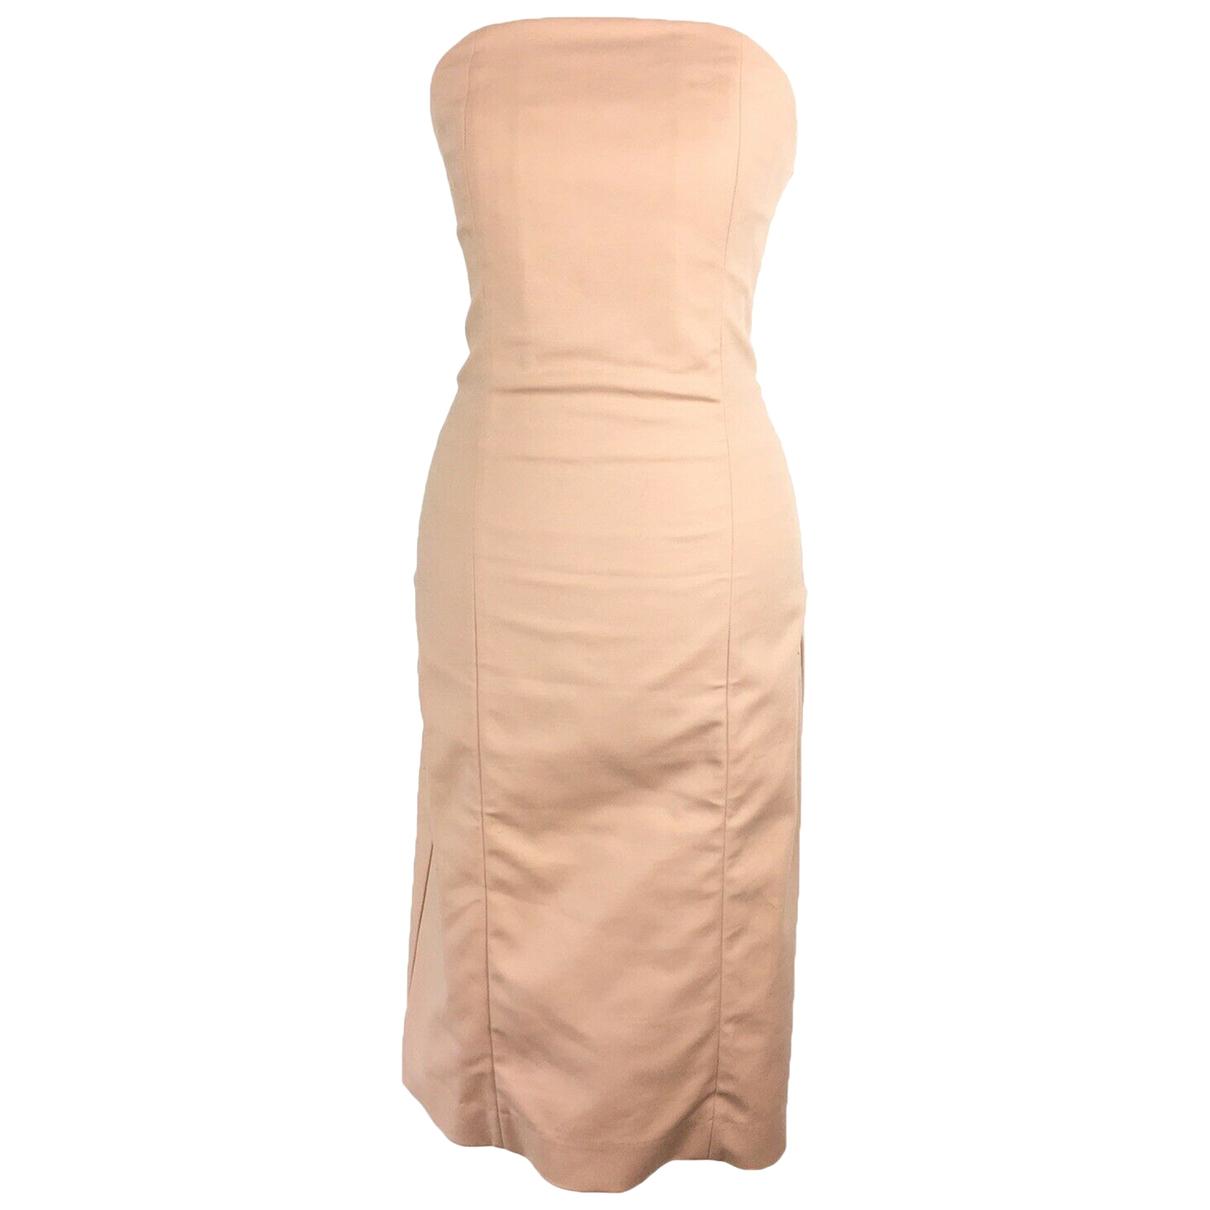 Cos - Robe   pour femme en coton - elasthane - beige